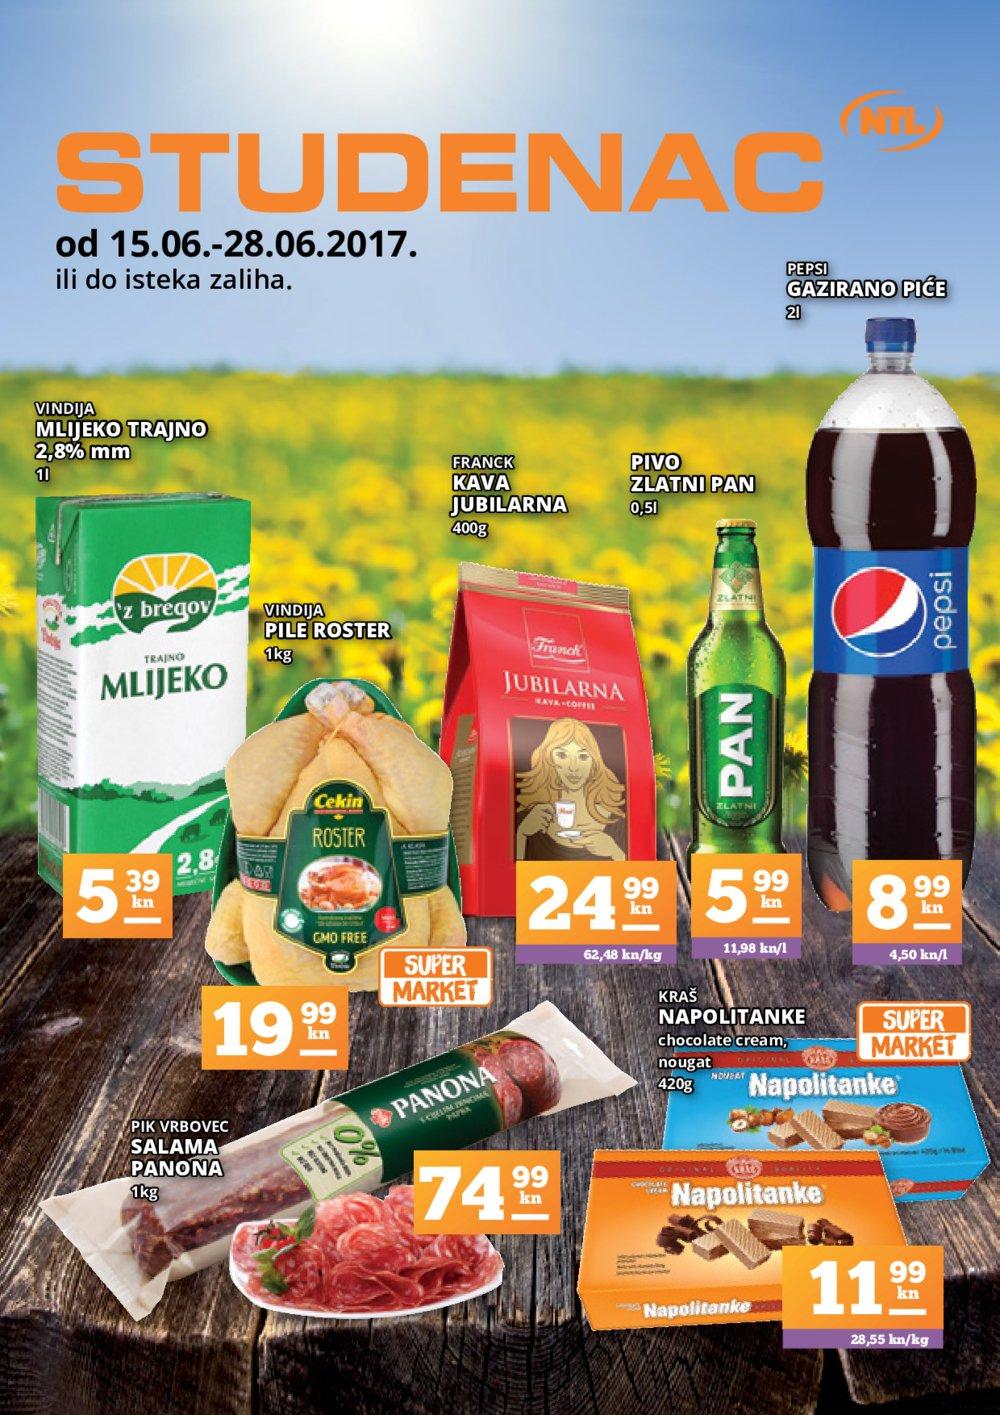 Studenac katalog 15.06. do 28.06.2017.